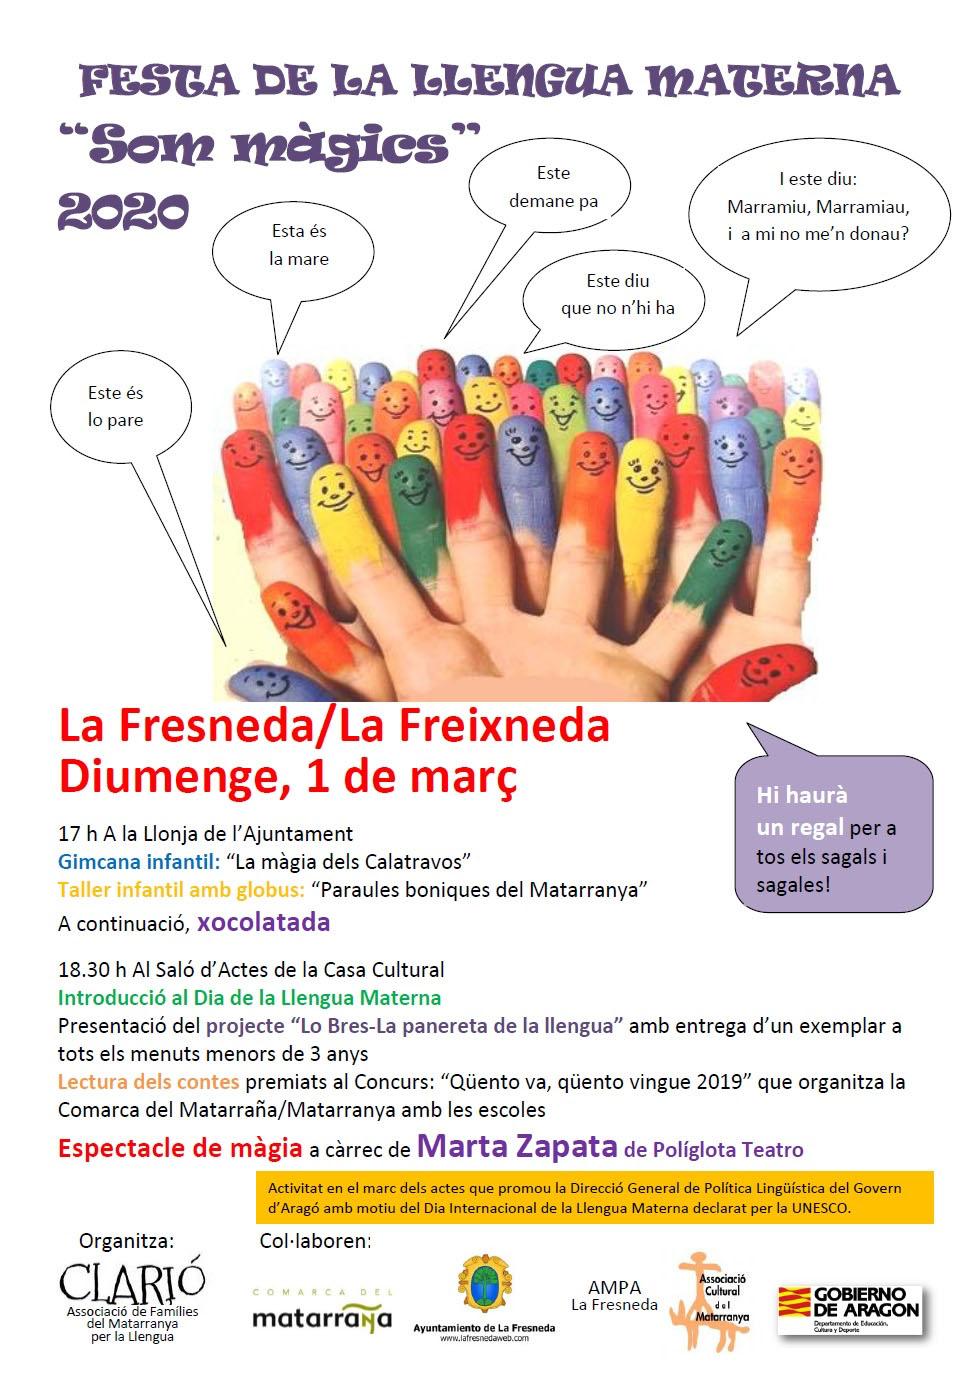 """Festa de la llengua materna """"Som màgics"""" a la Freixneda"""